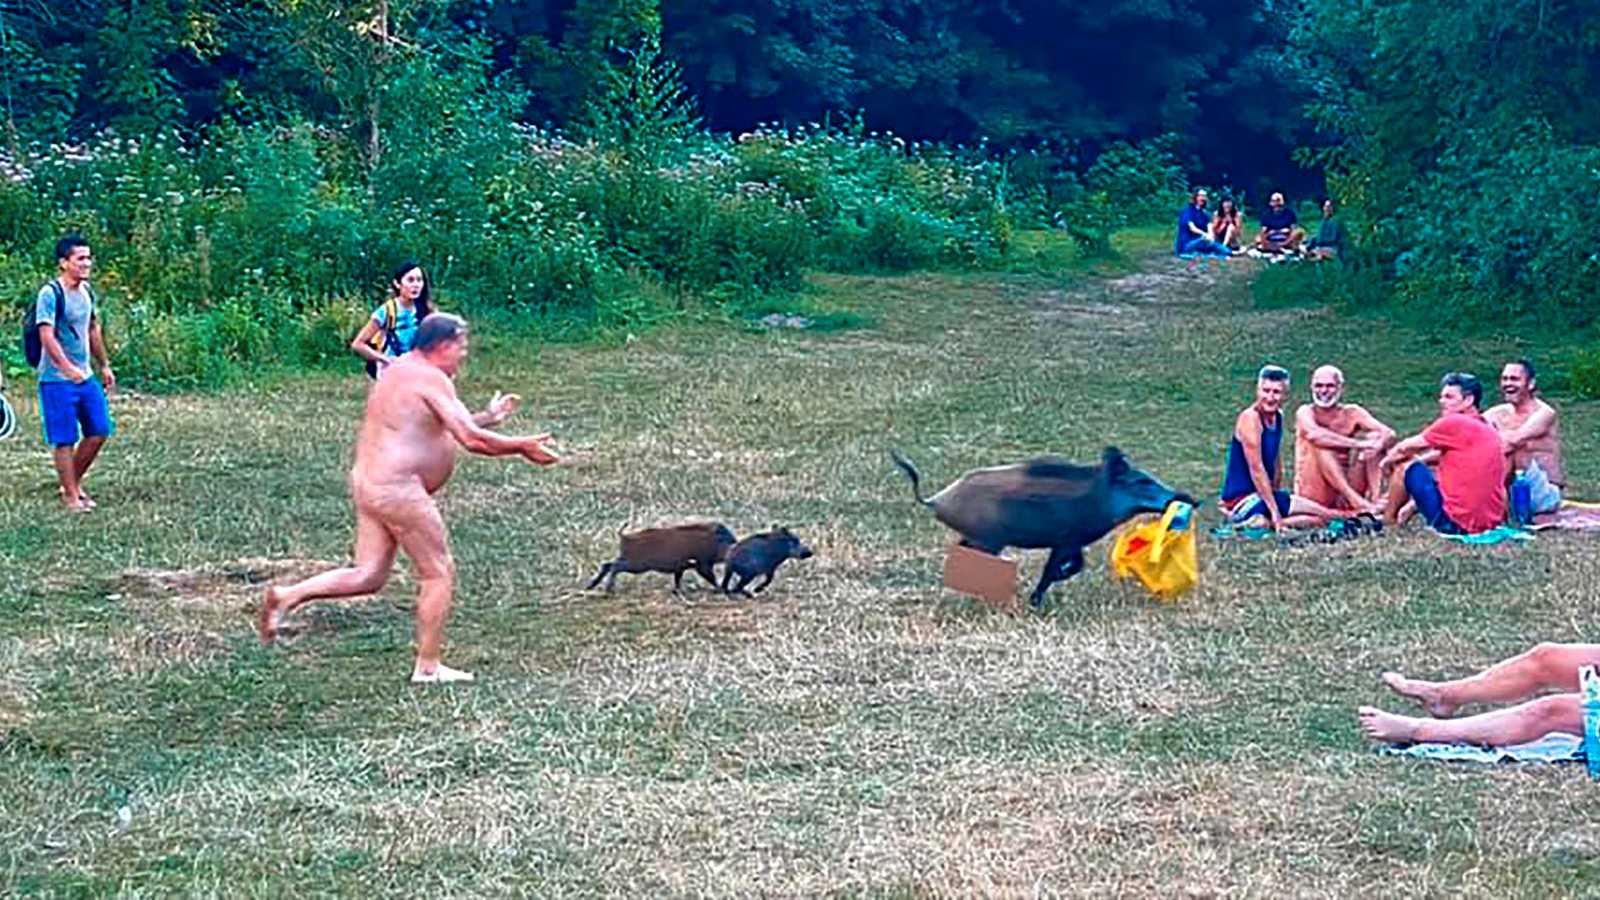 Här jagar mannen den svinaktiga tjuven – helt naken